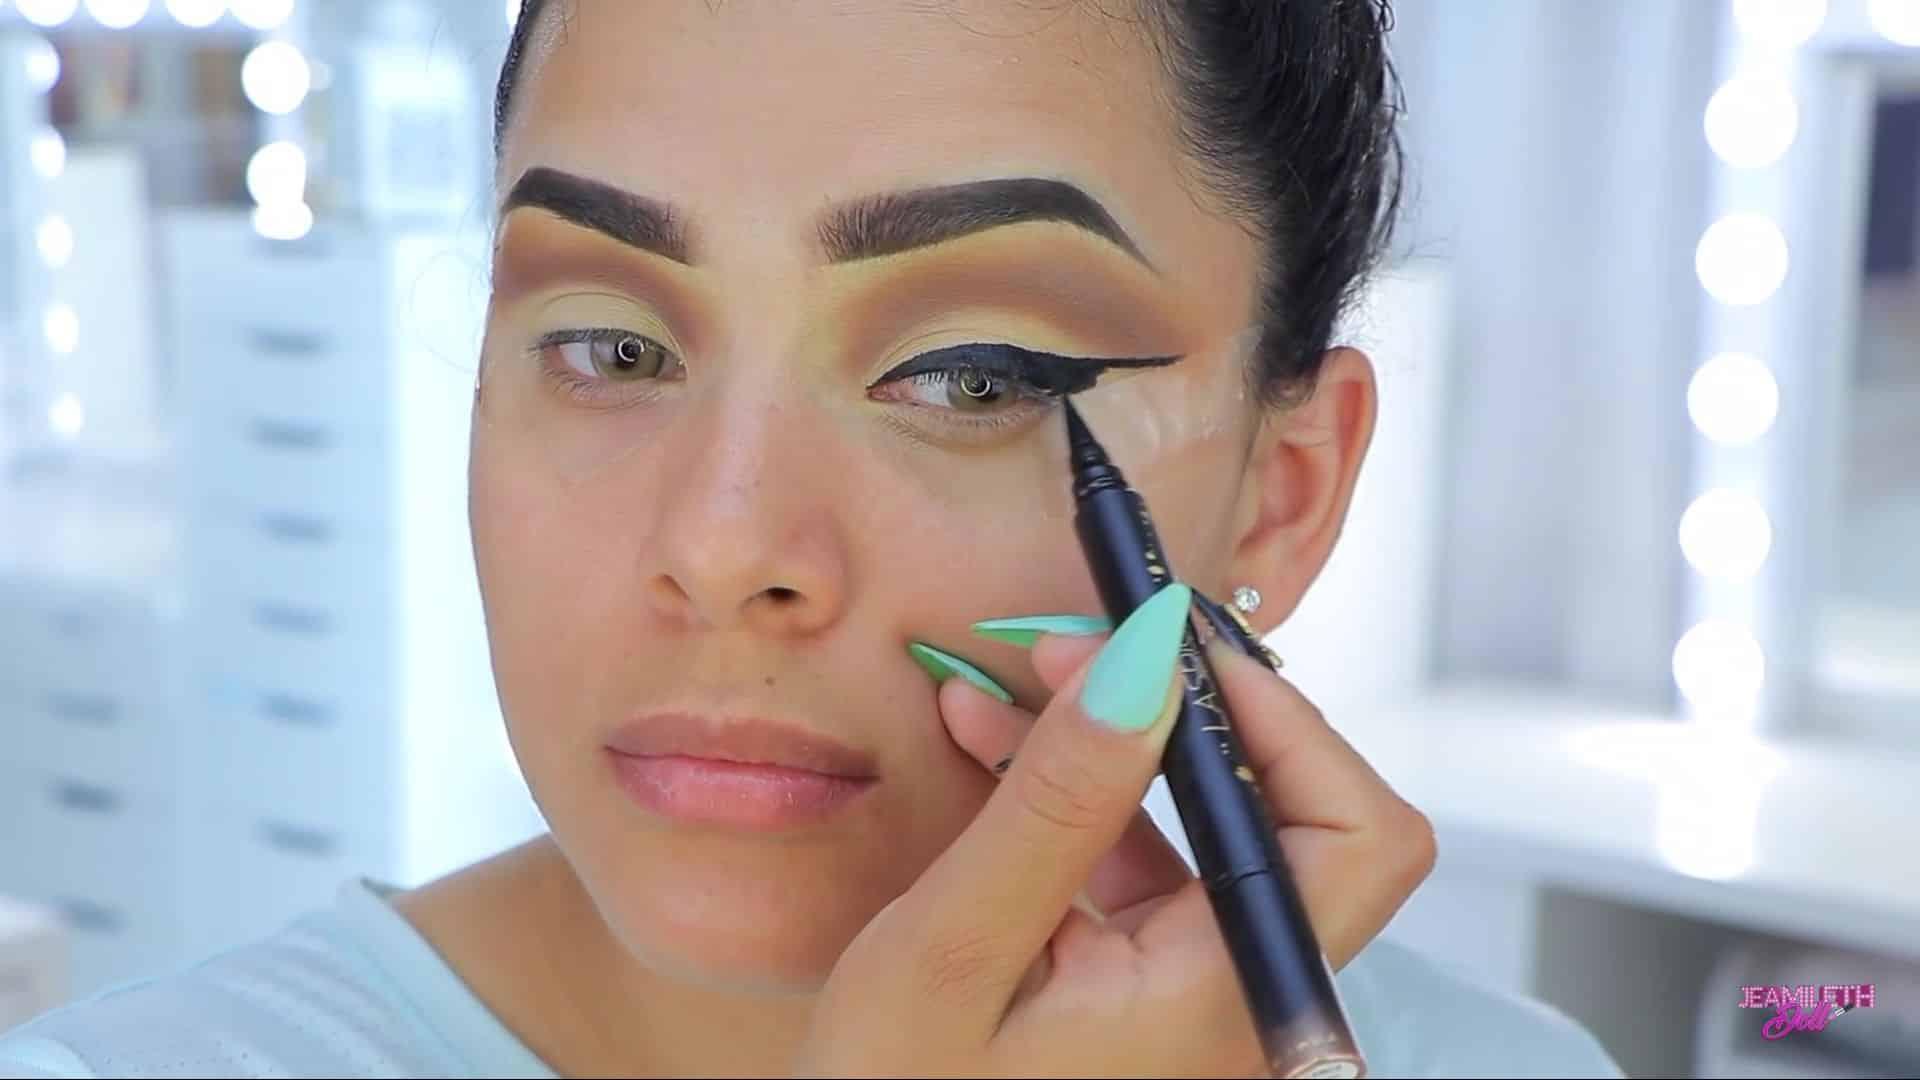 Maquillate como Jasmine facil y rapido Jeamileth Doll 2020, delineado grueso.